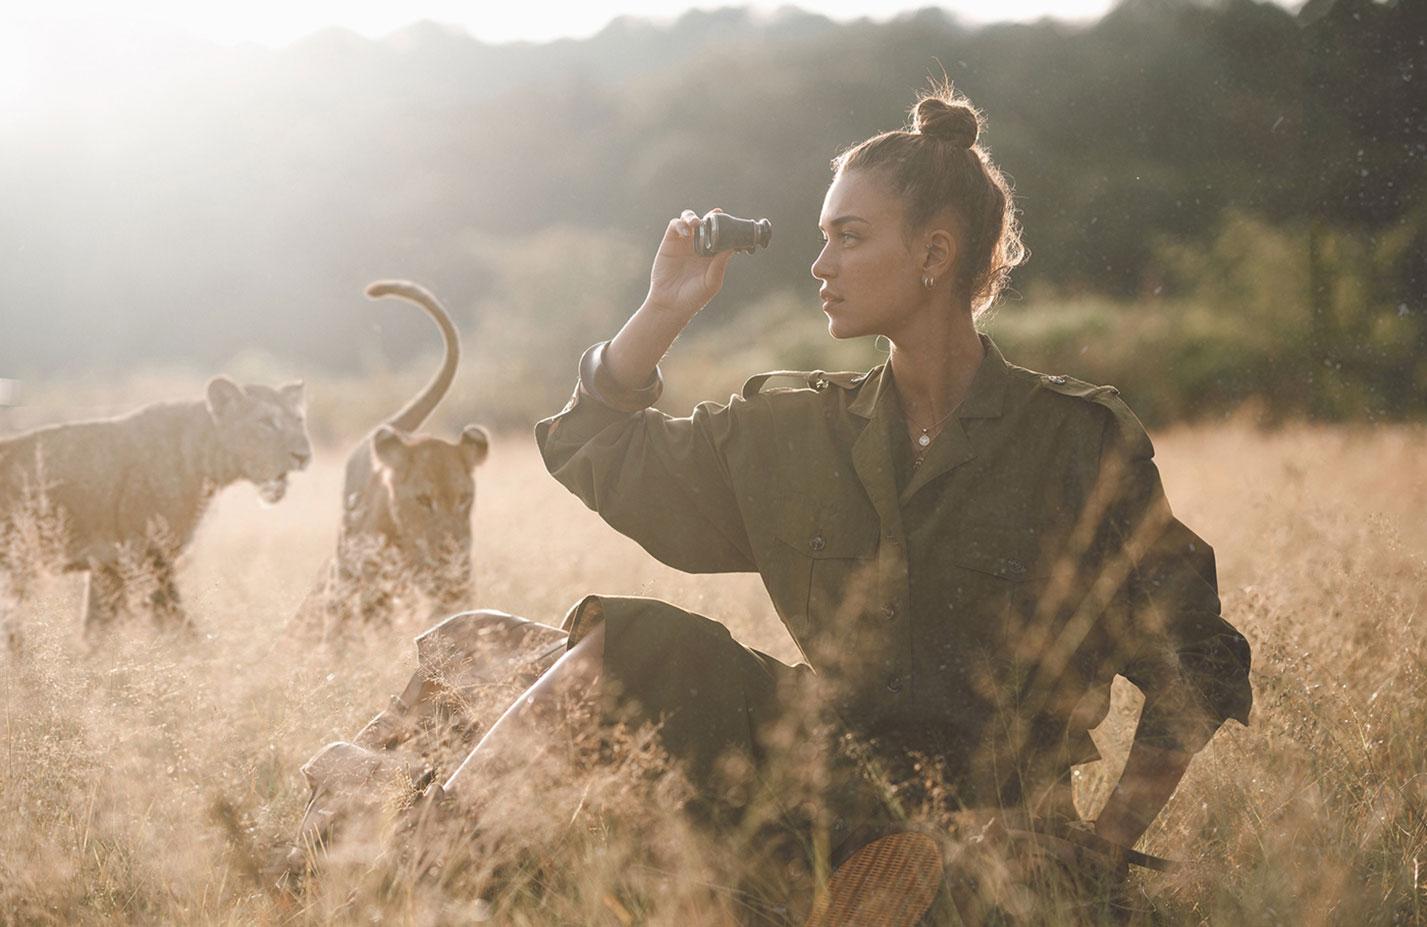 Модный показ в африканской саванне / фото 01